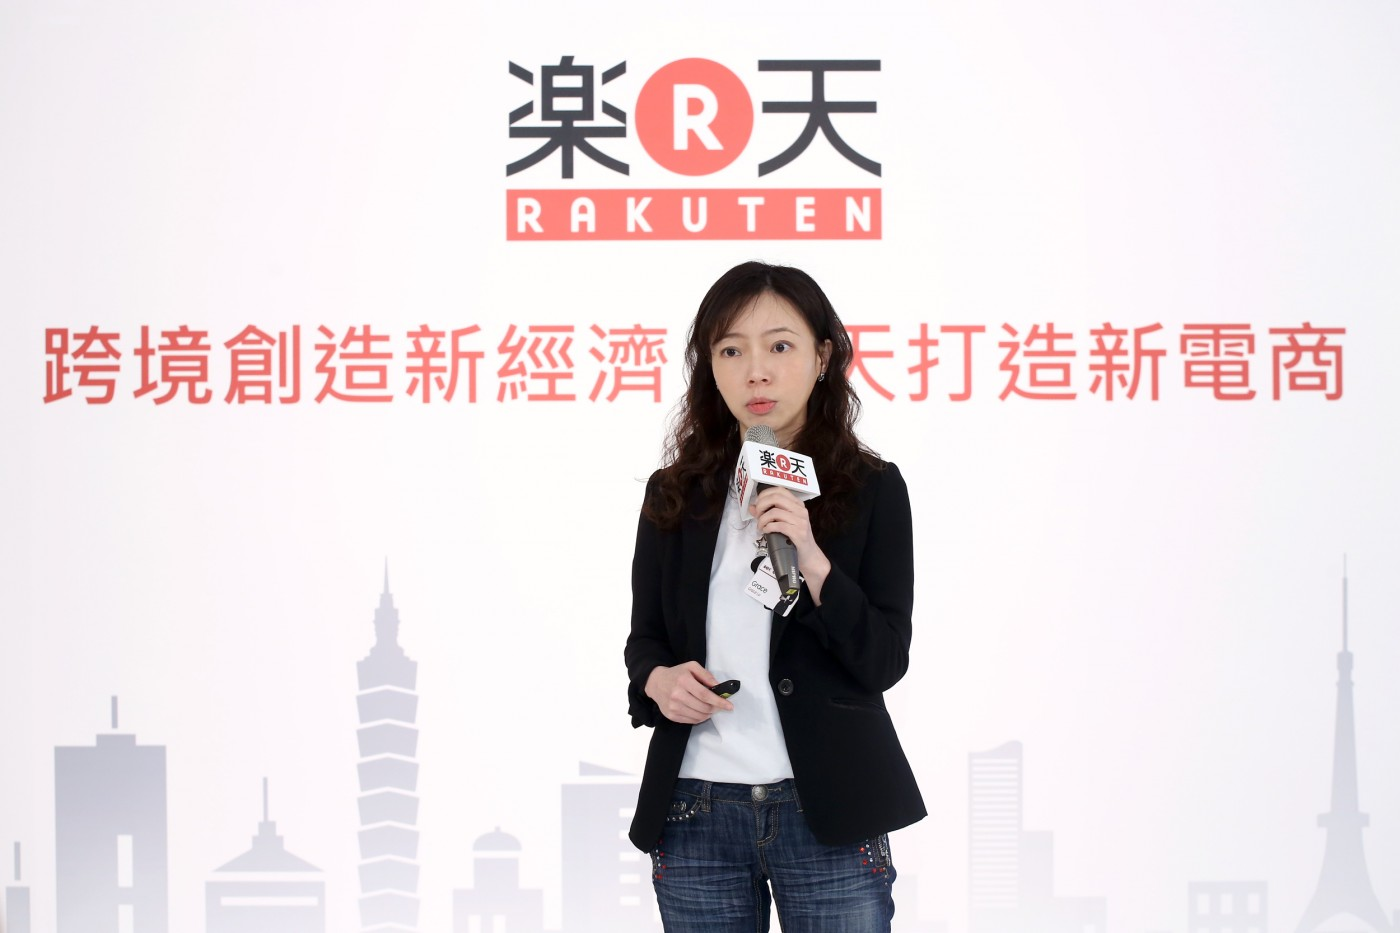 樂天預告推出新行銷分紅模式,並於6月啟動台日點數互換機制